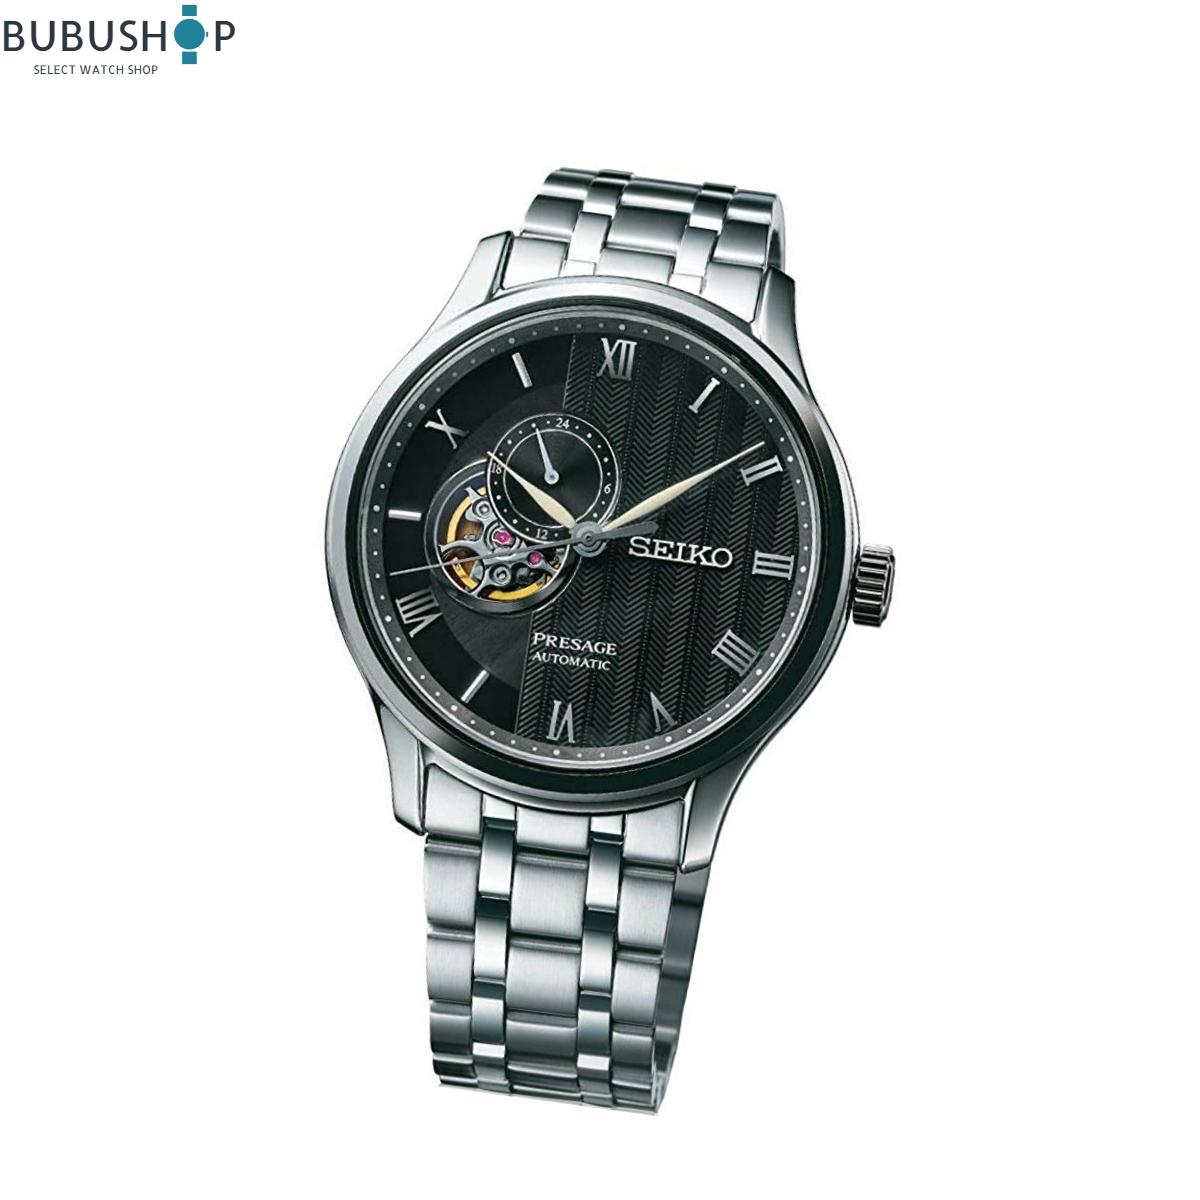 SEIKO セイコー PRESAGE 腕時計 自動巻 シースルーバック カーブサファイアガラス SSA377J1 メンズ オープンハート ビジネス 贈り物